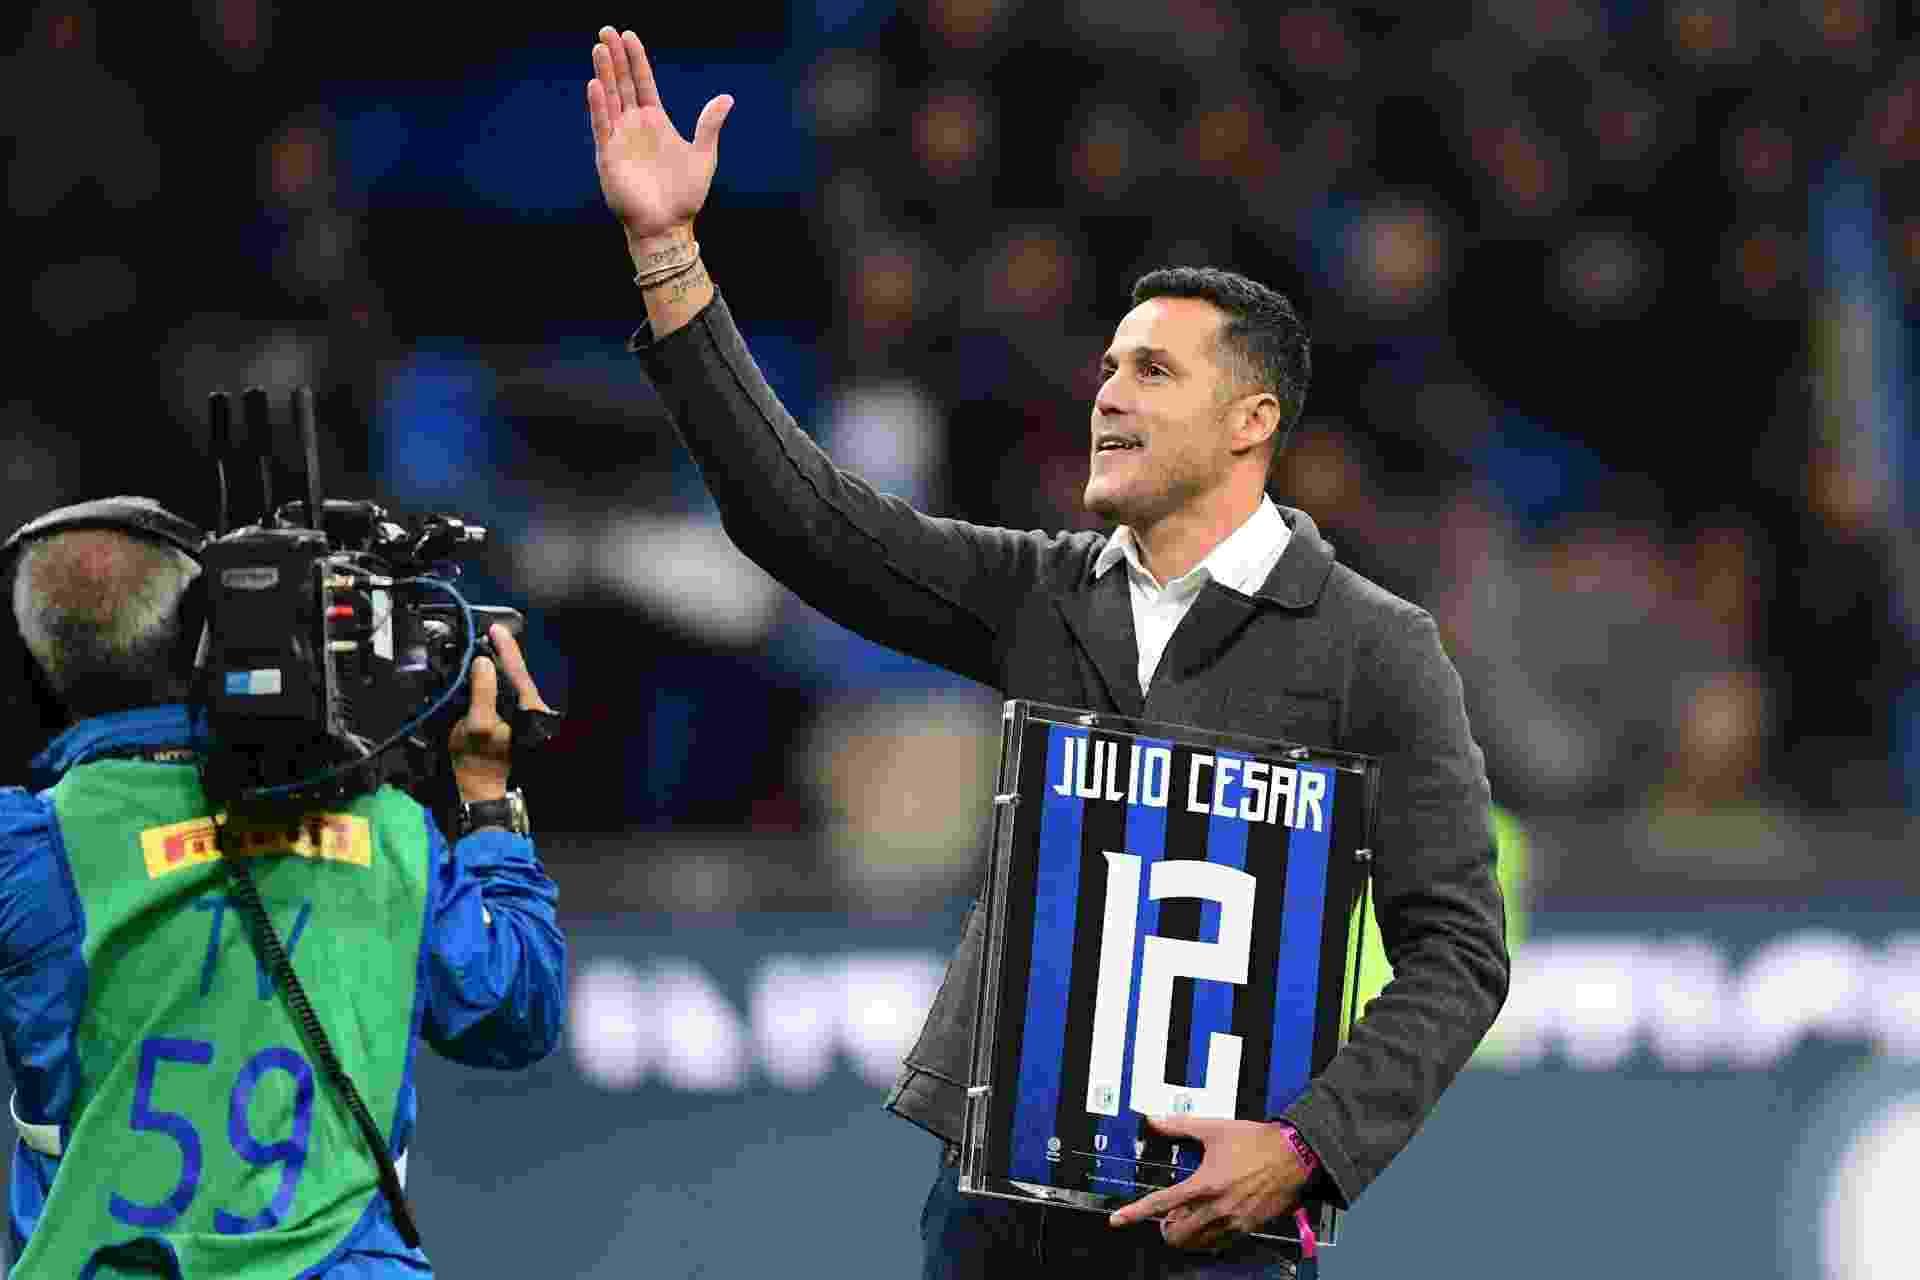 Inter de Milão faz homenagem ao ex-goleiro brasileiro Julio Cesar - undefined